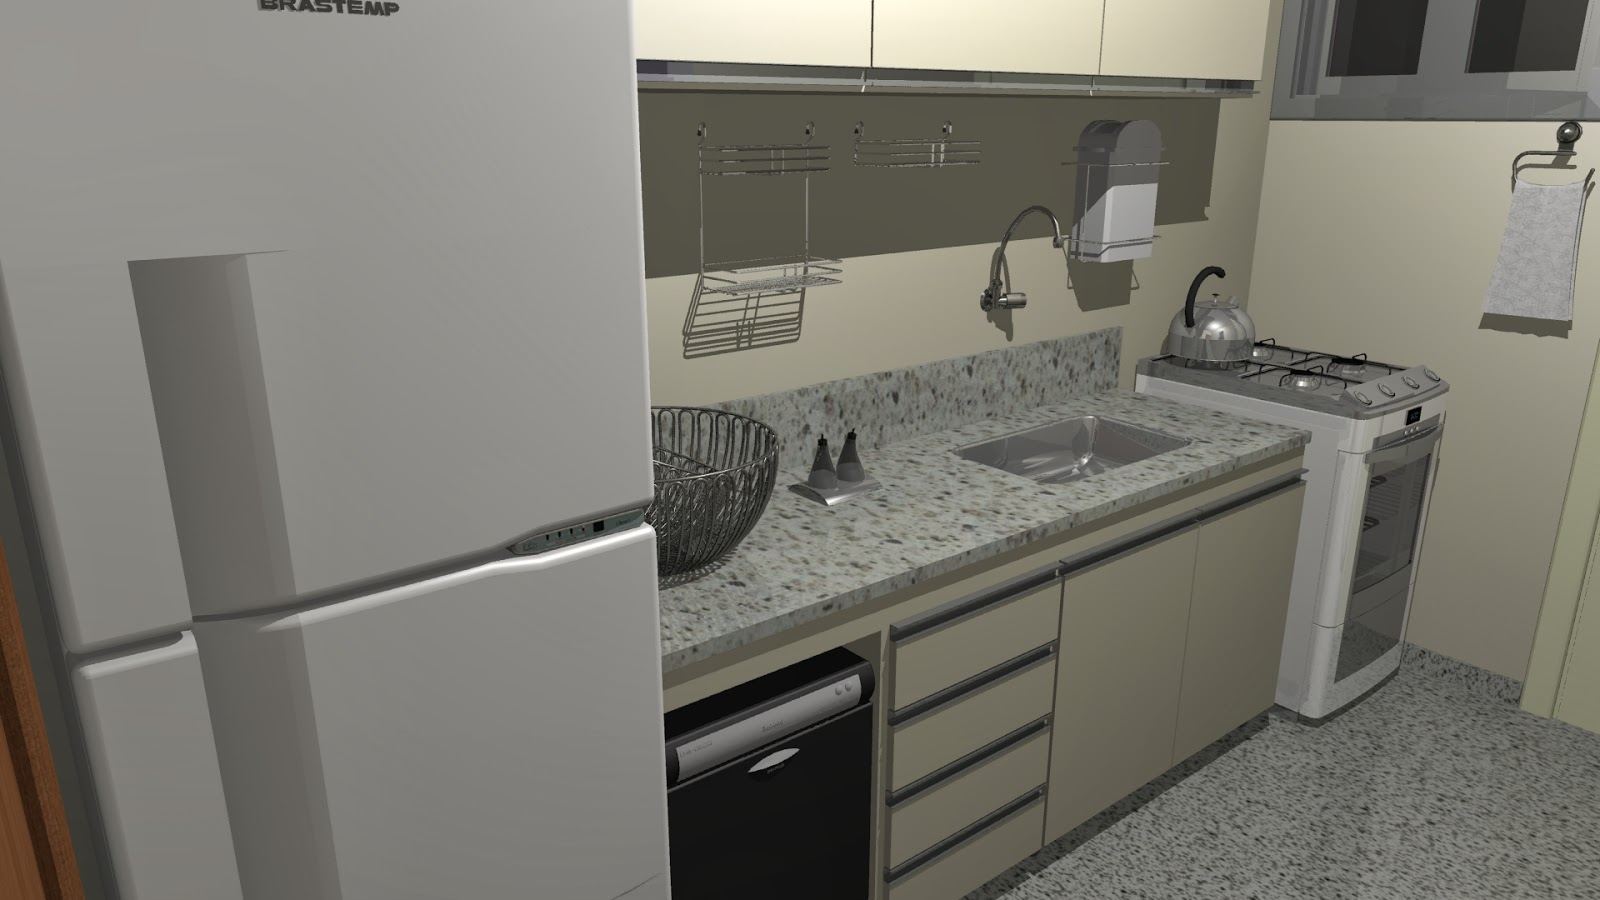 Juliana Campi Designer de interiores: Cozinha e Quarto planejados #867945 1600 900